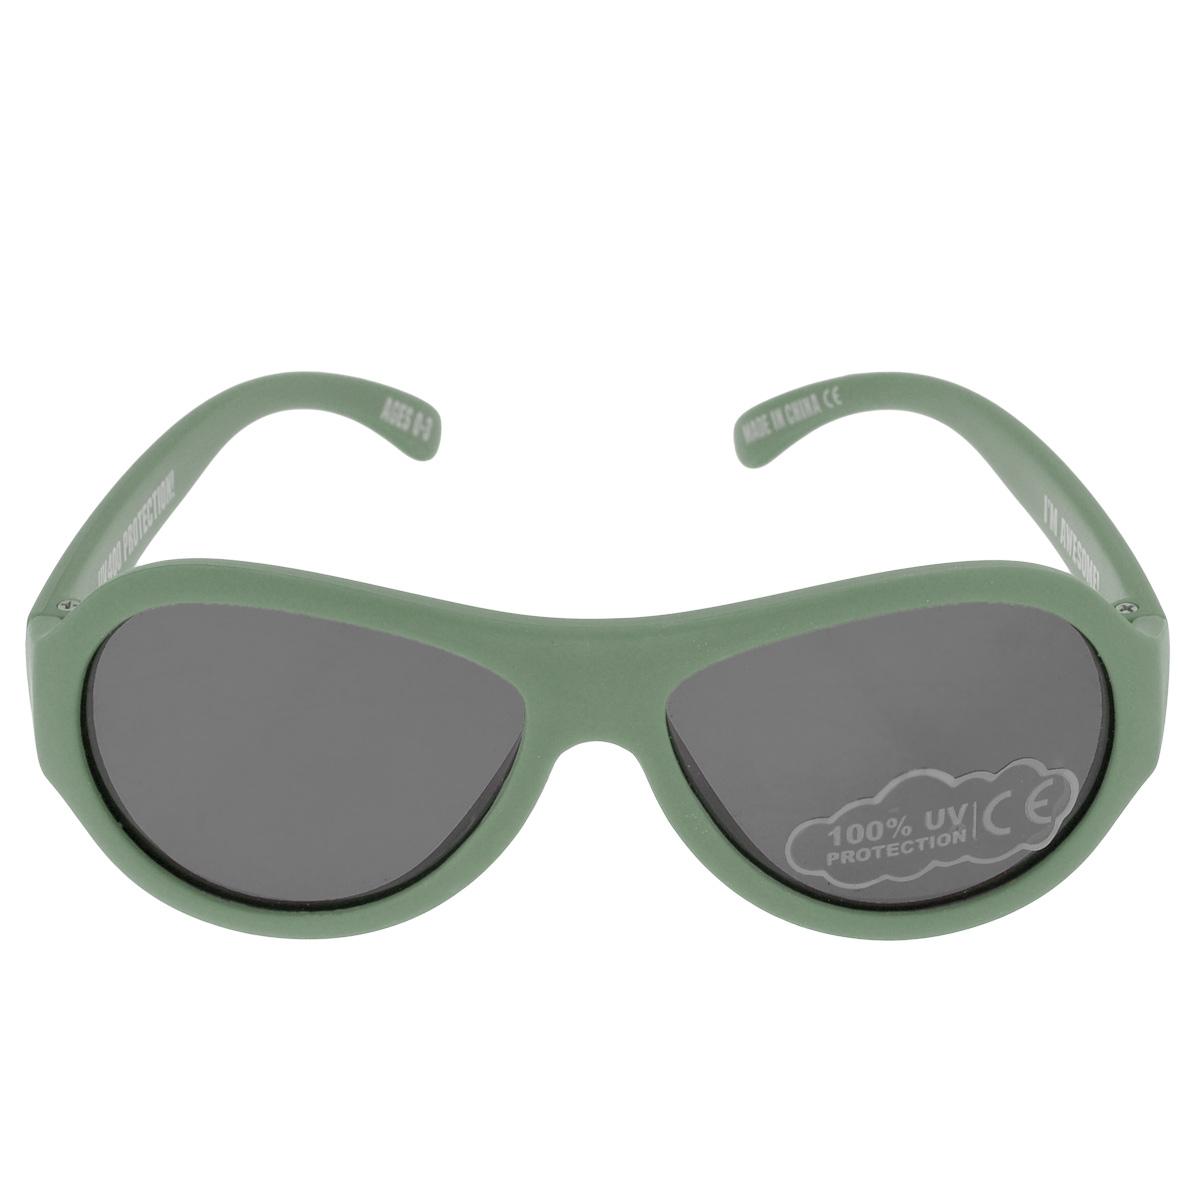 Детские солнцезащитные очки Babiators Морпех (Marine), цвет: зеленый, 0-3 летBAB-073Вы делаете все возможное, чтобы ваши дети были здоровы и в безопасности. Шлемы для езды на велосипеде, солнцезащитный крем для прогулок на солнце... Но как насчёт влияния солнца на глаза вашего ребёнка? Правда в том, что сетчатка глаза у детей развивается вместе с самим ребёнком. Это означает, что глаза малышей не могут отфильтровать УФ-излучение. Проблема понятна - детям нужна настоящая защита, чтобы глазки были в безопасности, а зрение сильным. Каждая пара солнцезащитных очков Babiators для детей обеспечивает 100% защиту от UVA и UVB. Прочные линзы высшего качества не подведут в самых сложных переделках. В отличие от обычных пластиковых очков, оправа Babiators выполнена из гибкого прорезиненного материала, что делает их ударопрочными, их можно сгибать и крутить - они не сломаются и вернутся в прежнюю форму. Не бойтесь, что ребёнок сядет на них - они всё выдержат. Будьте уверены, что очки Babiators созданы безопасными, прочными и классными, так что вы и ваш ребенок можете...